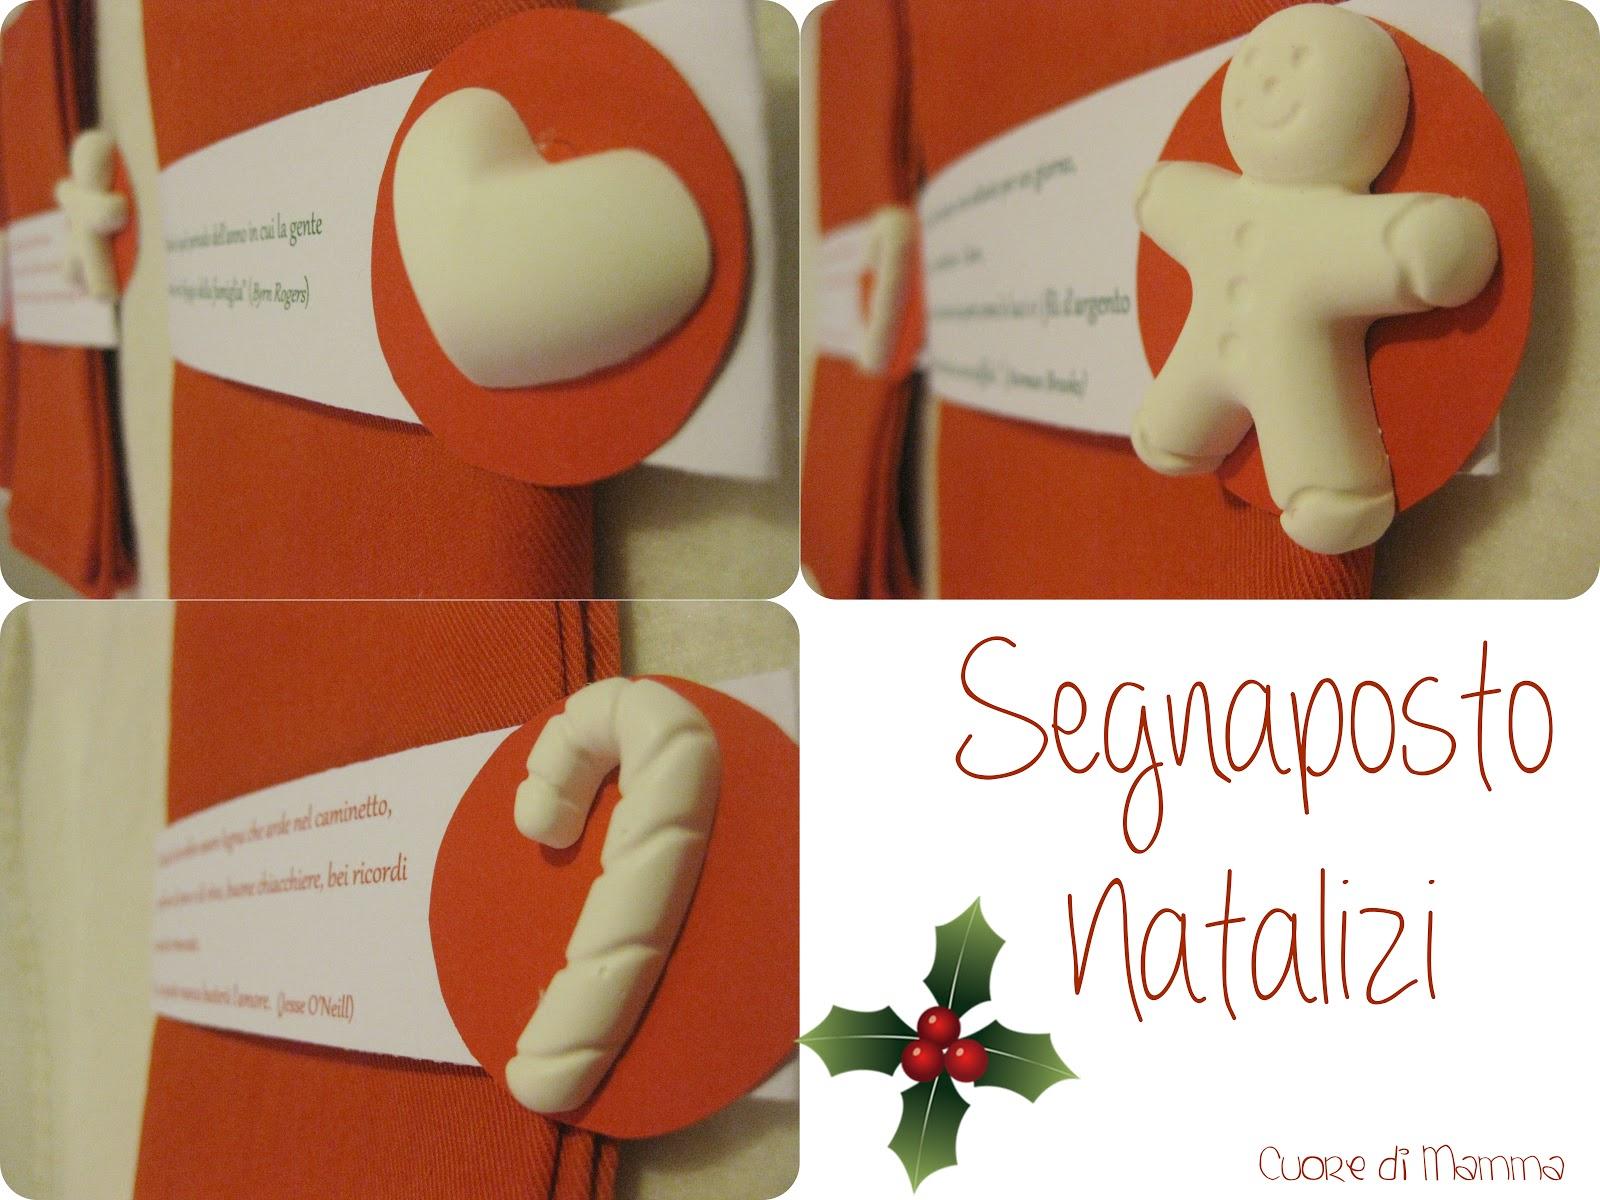 Segnaposto Matrimonio Natalizio : Cuore di mamma segnaposto natalizi